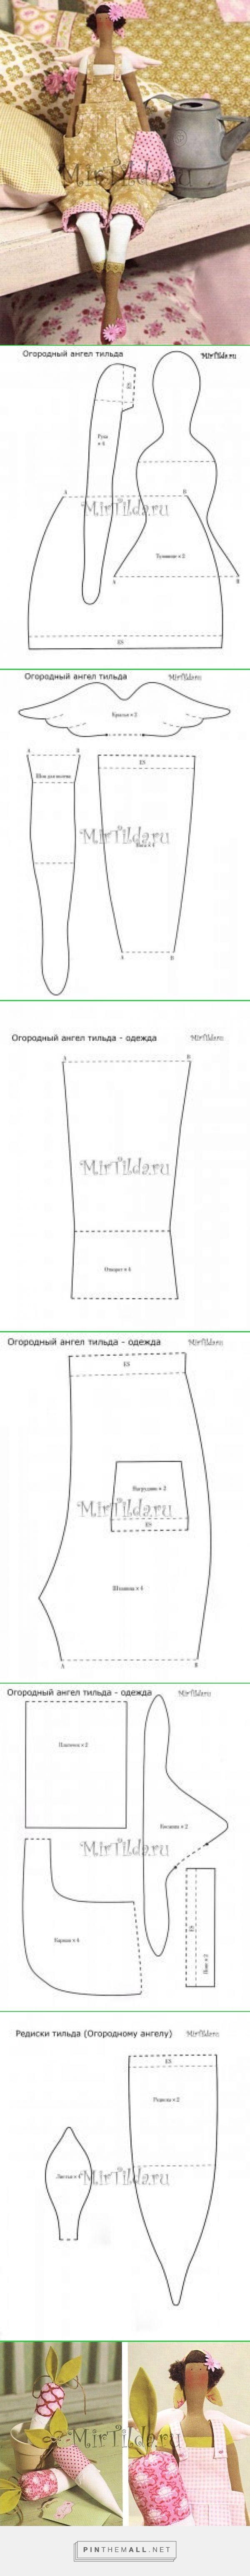 Тильда Огородница / Мир игрушки / Тильда. Мастер классы, выкройки. - created via http://pinthemall.net